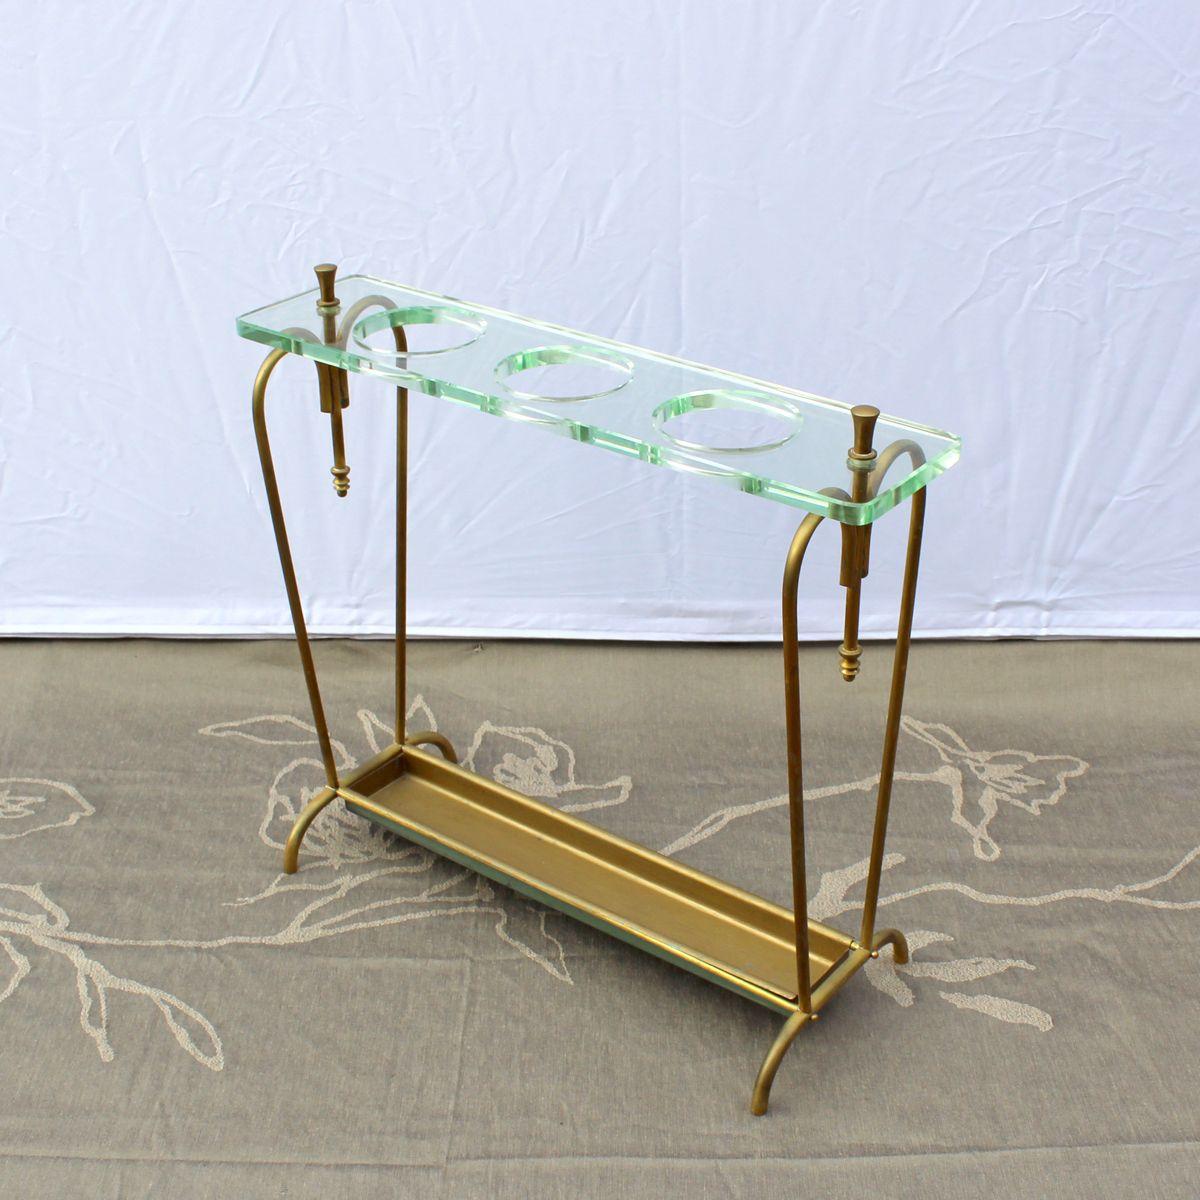 porte parapluies vintage de fontana arte en vente sur pamono. Black Bedroom Furniture Sets. Home Design Ideas